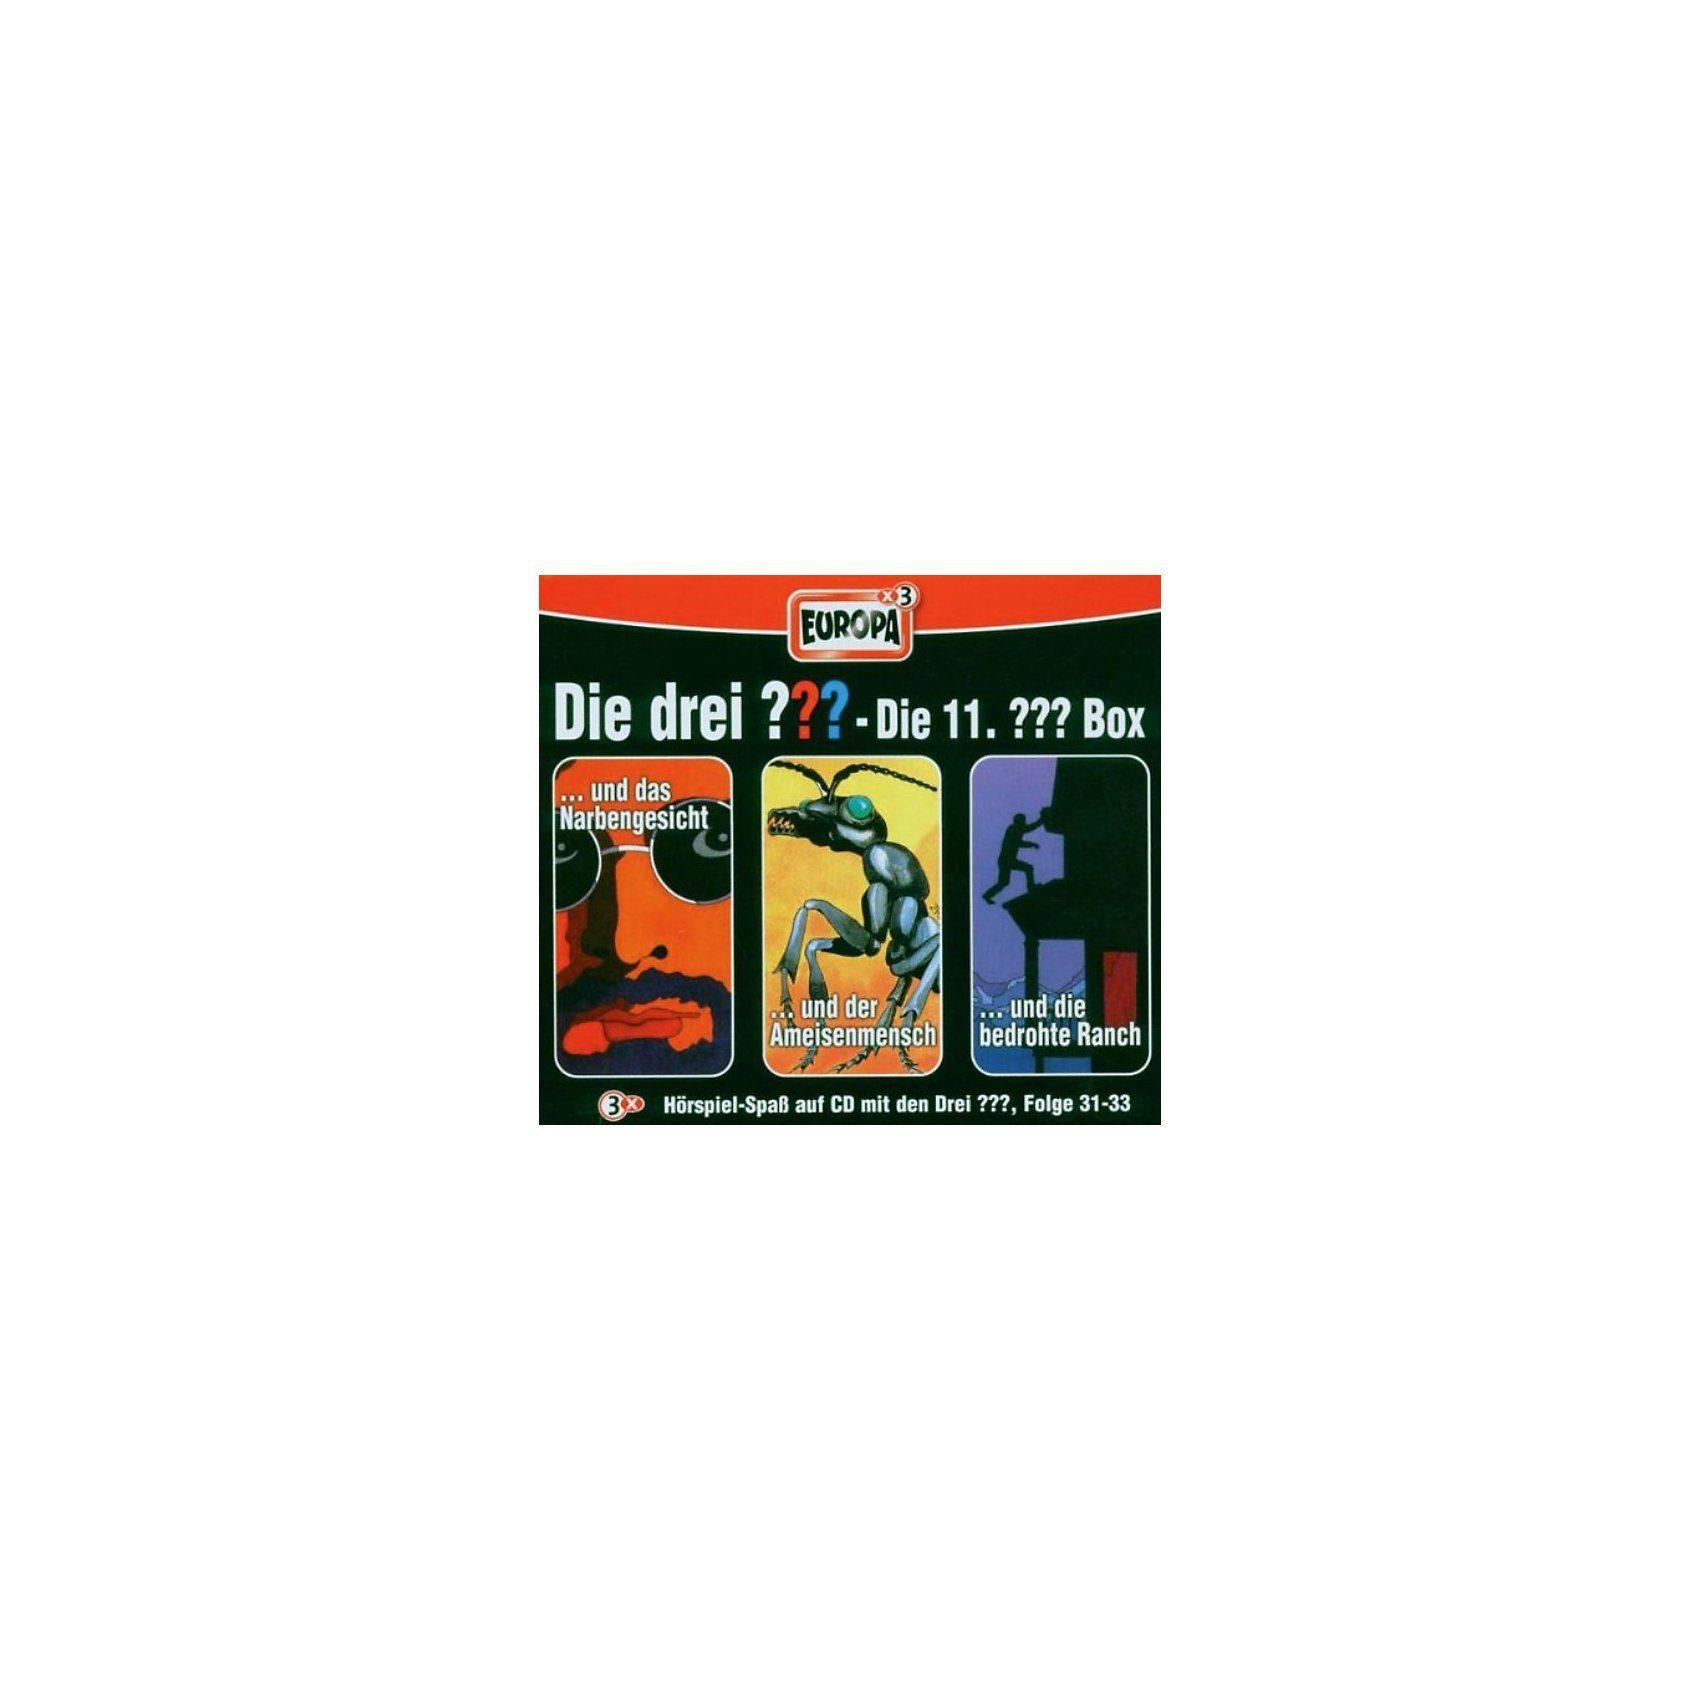 Sony CD Die Drei ??? 11/3er Box - Folge 31-33